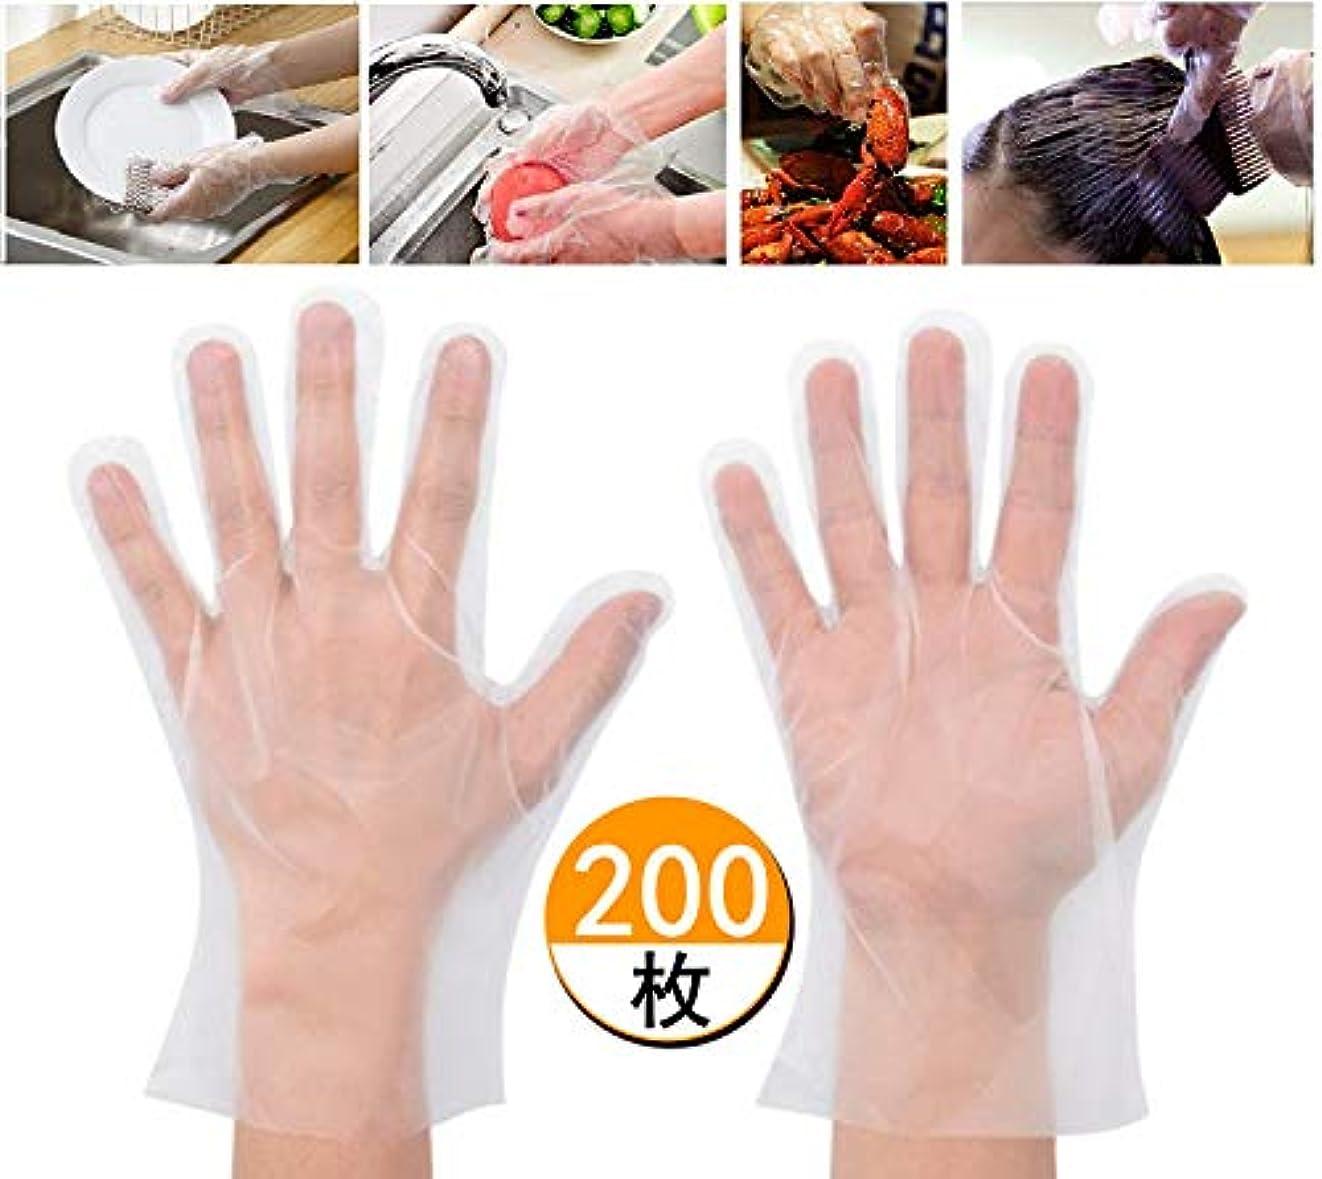 サービスうぬぼれ順応性のある使い捨て手袋 200枚 使いきり手袋 半透明 左右兼用 Mサイズ 食品衛生法規格基準ポリエチレン手袋 内エンボス 調理に?お掃除に?毛染めに適合